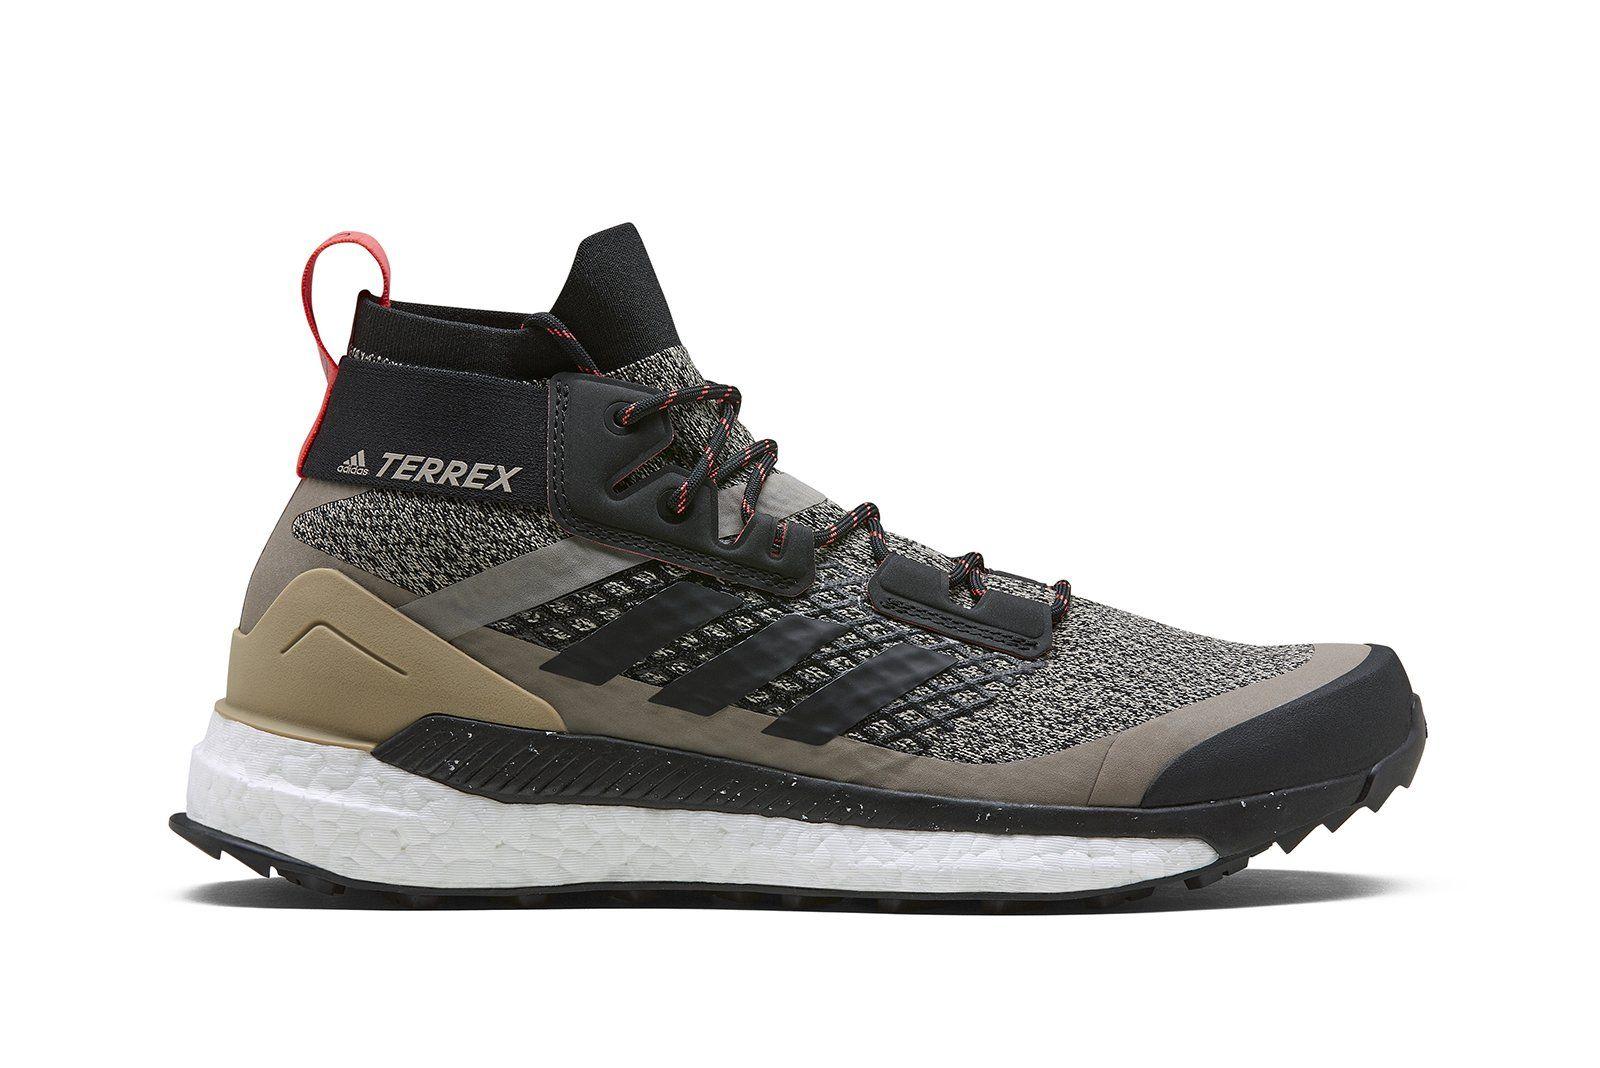 b15c31273eb adidas Consortium Terrex Free Hiker in 2019